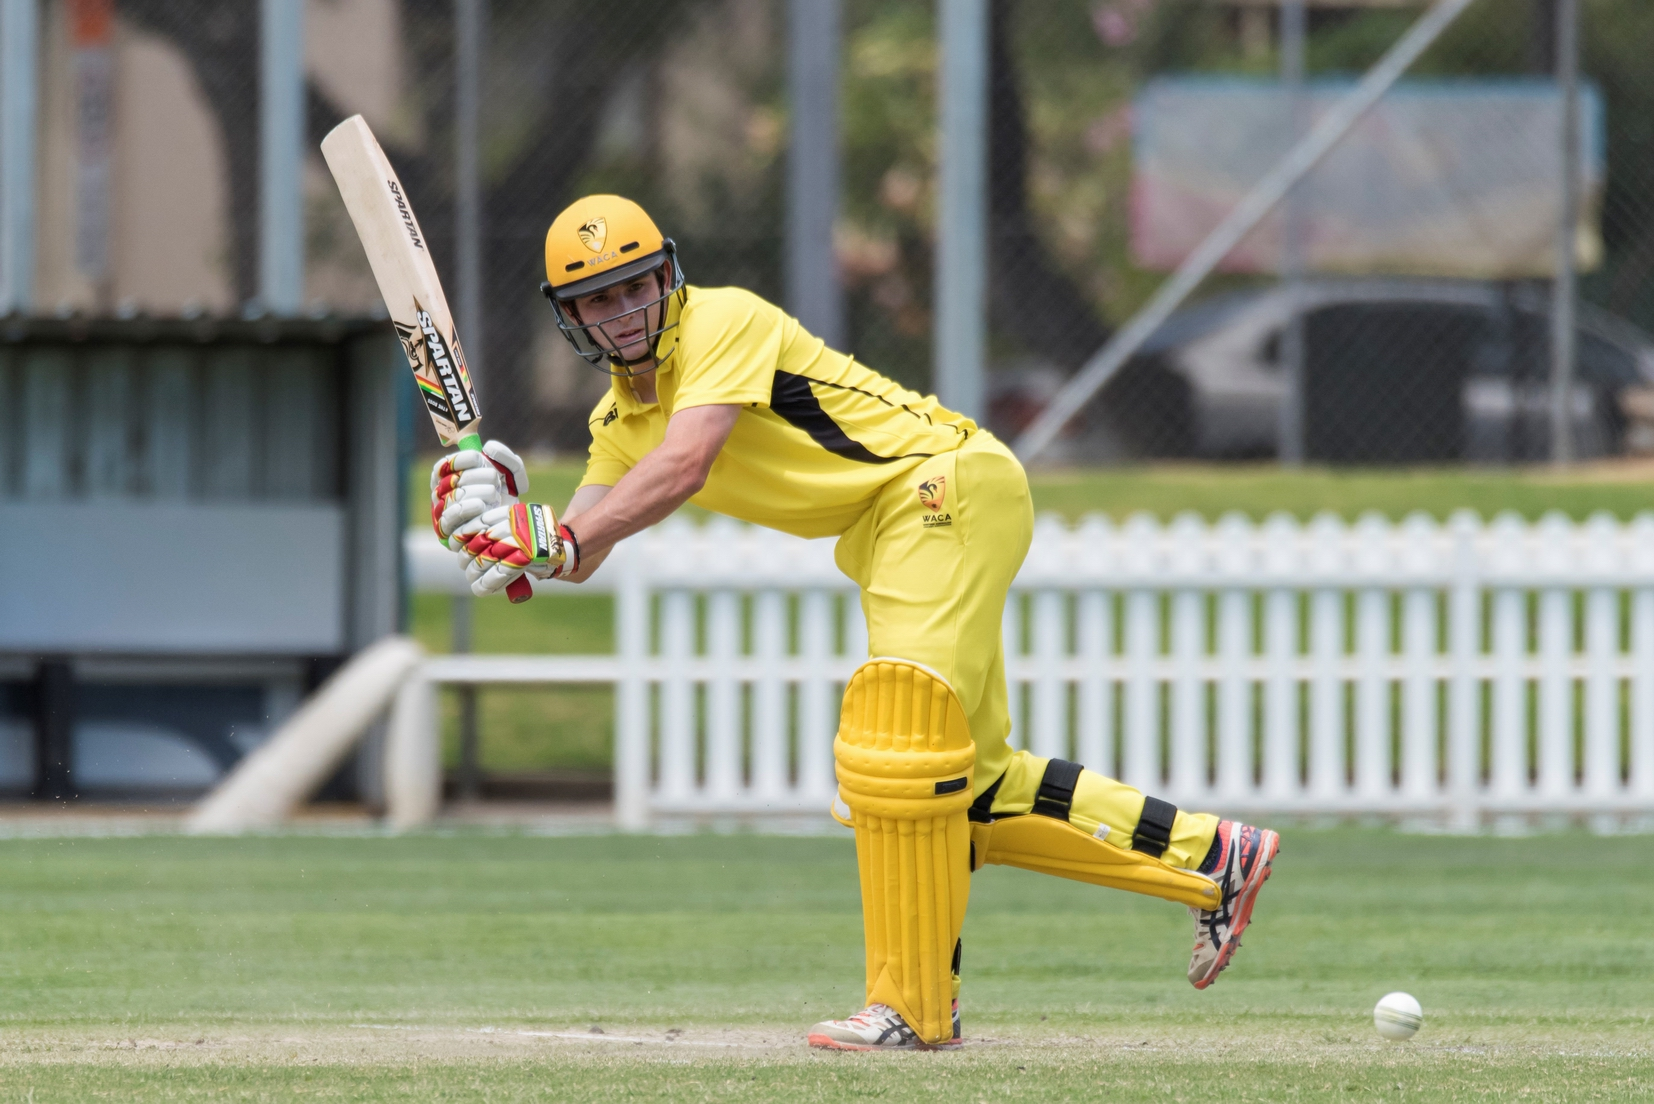 Batsman Matthew Spoors in action.